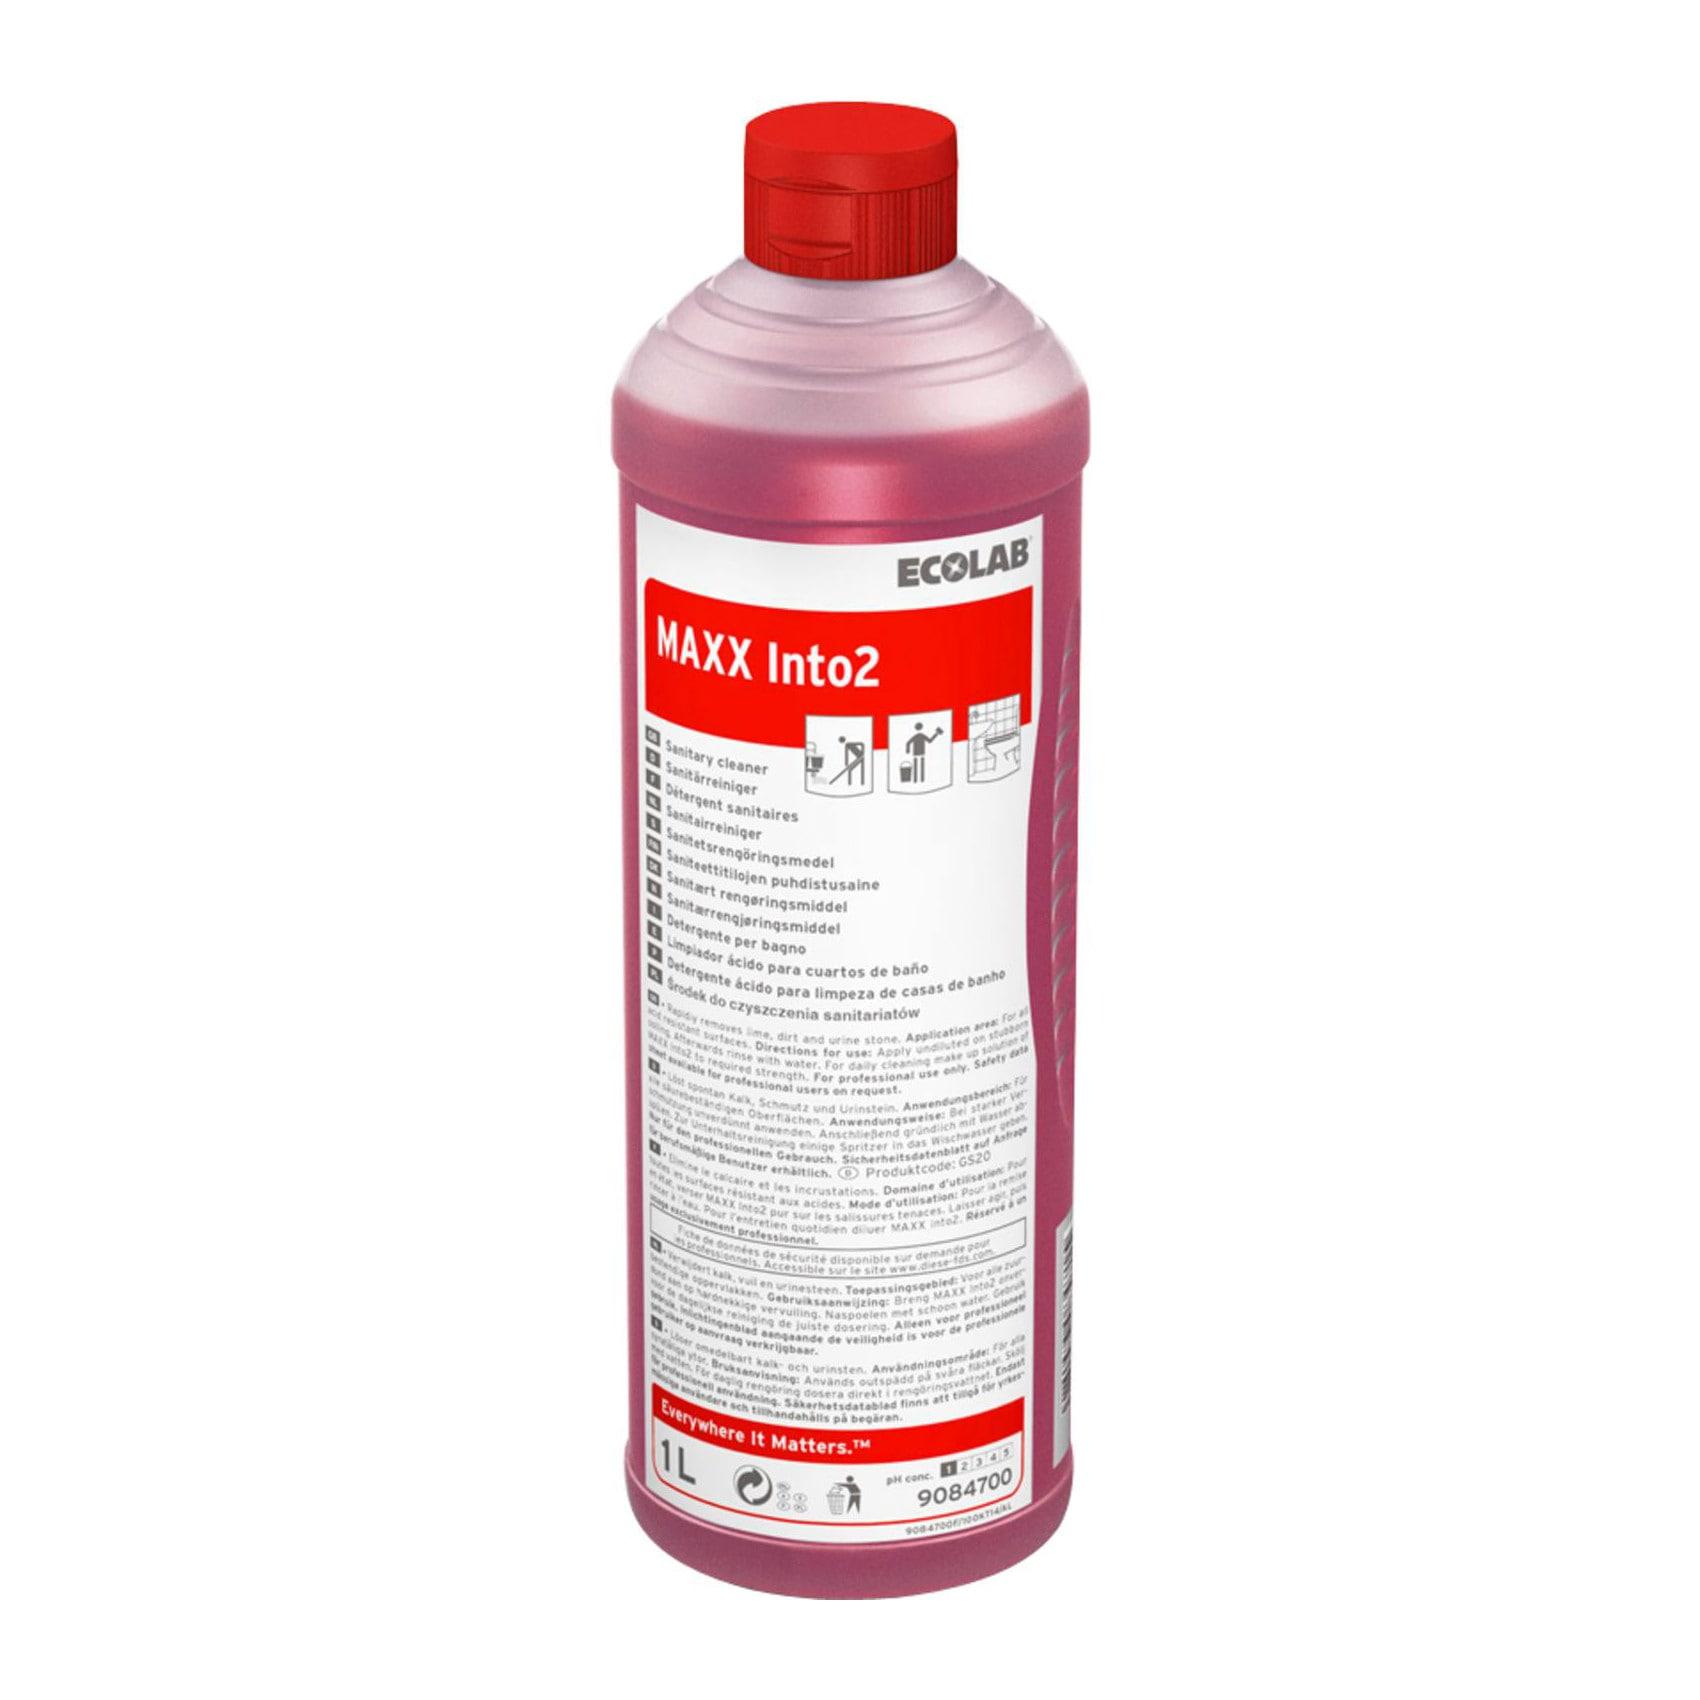 Ecolab | Maxx into C2 | Sanitairreiniger | Universeel | Fles 12 x 1 liter